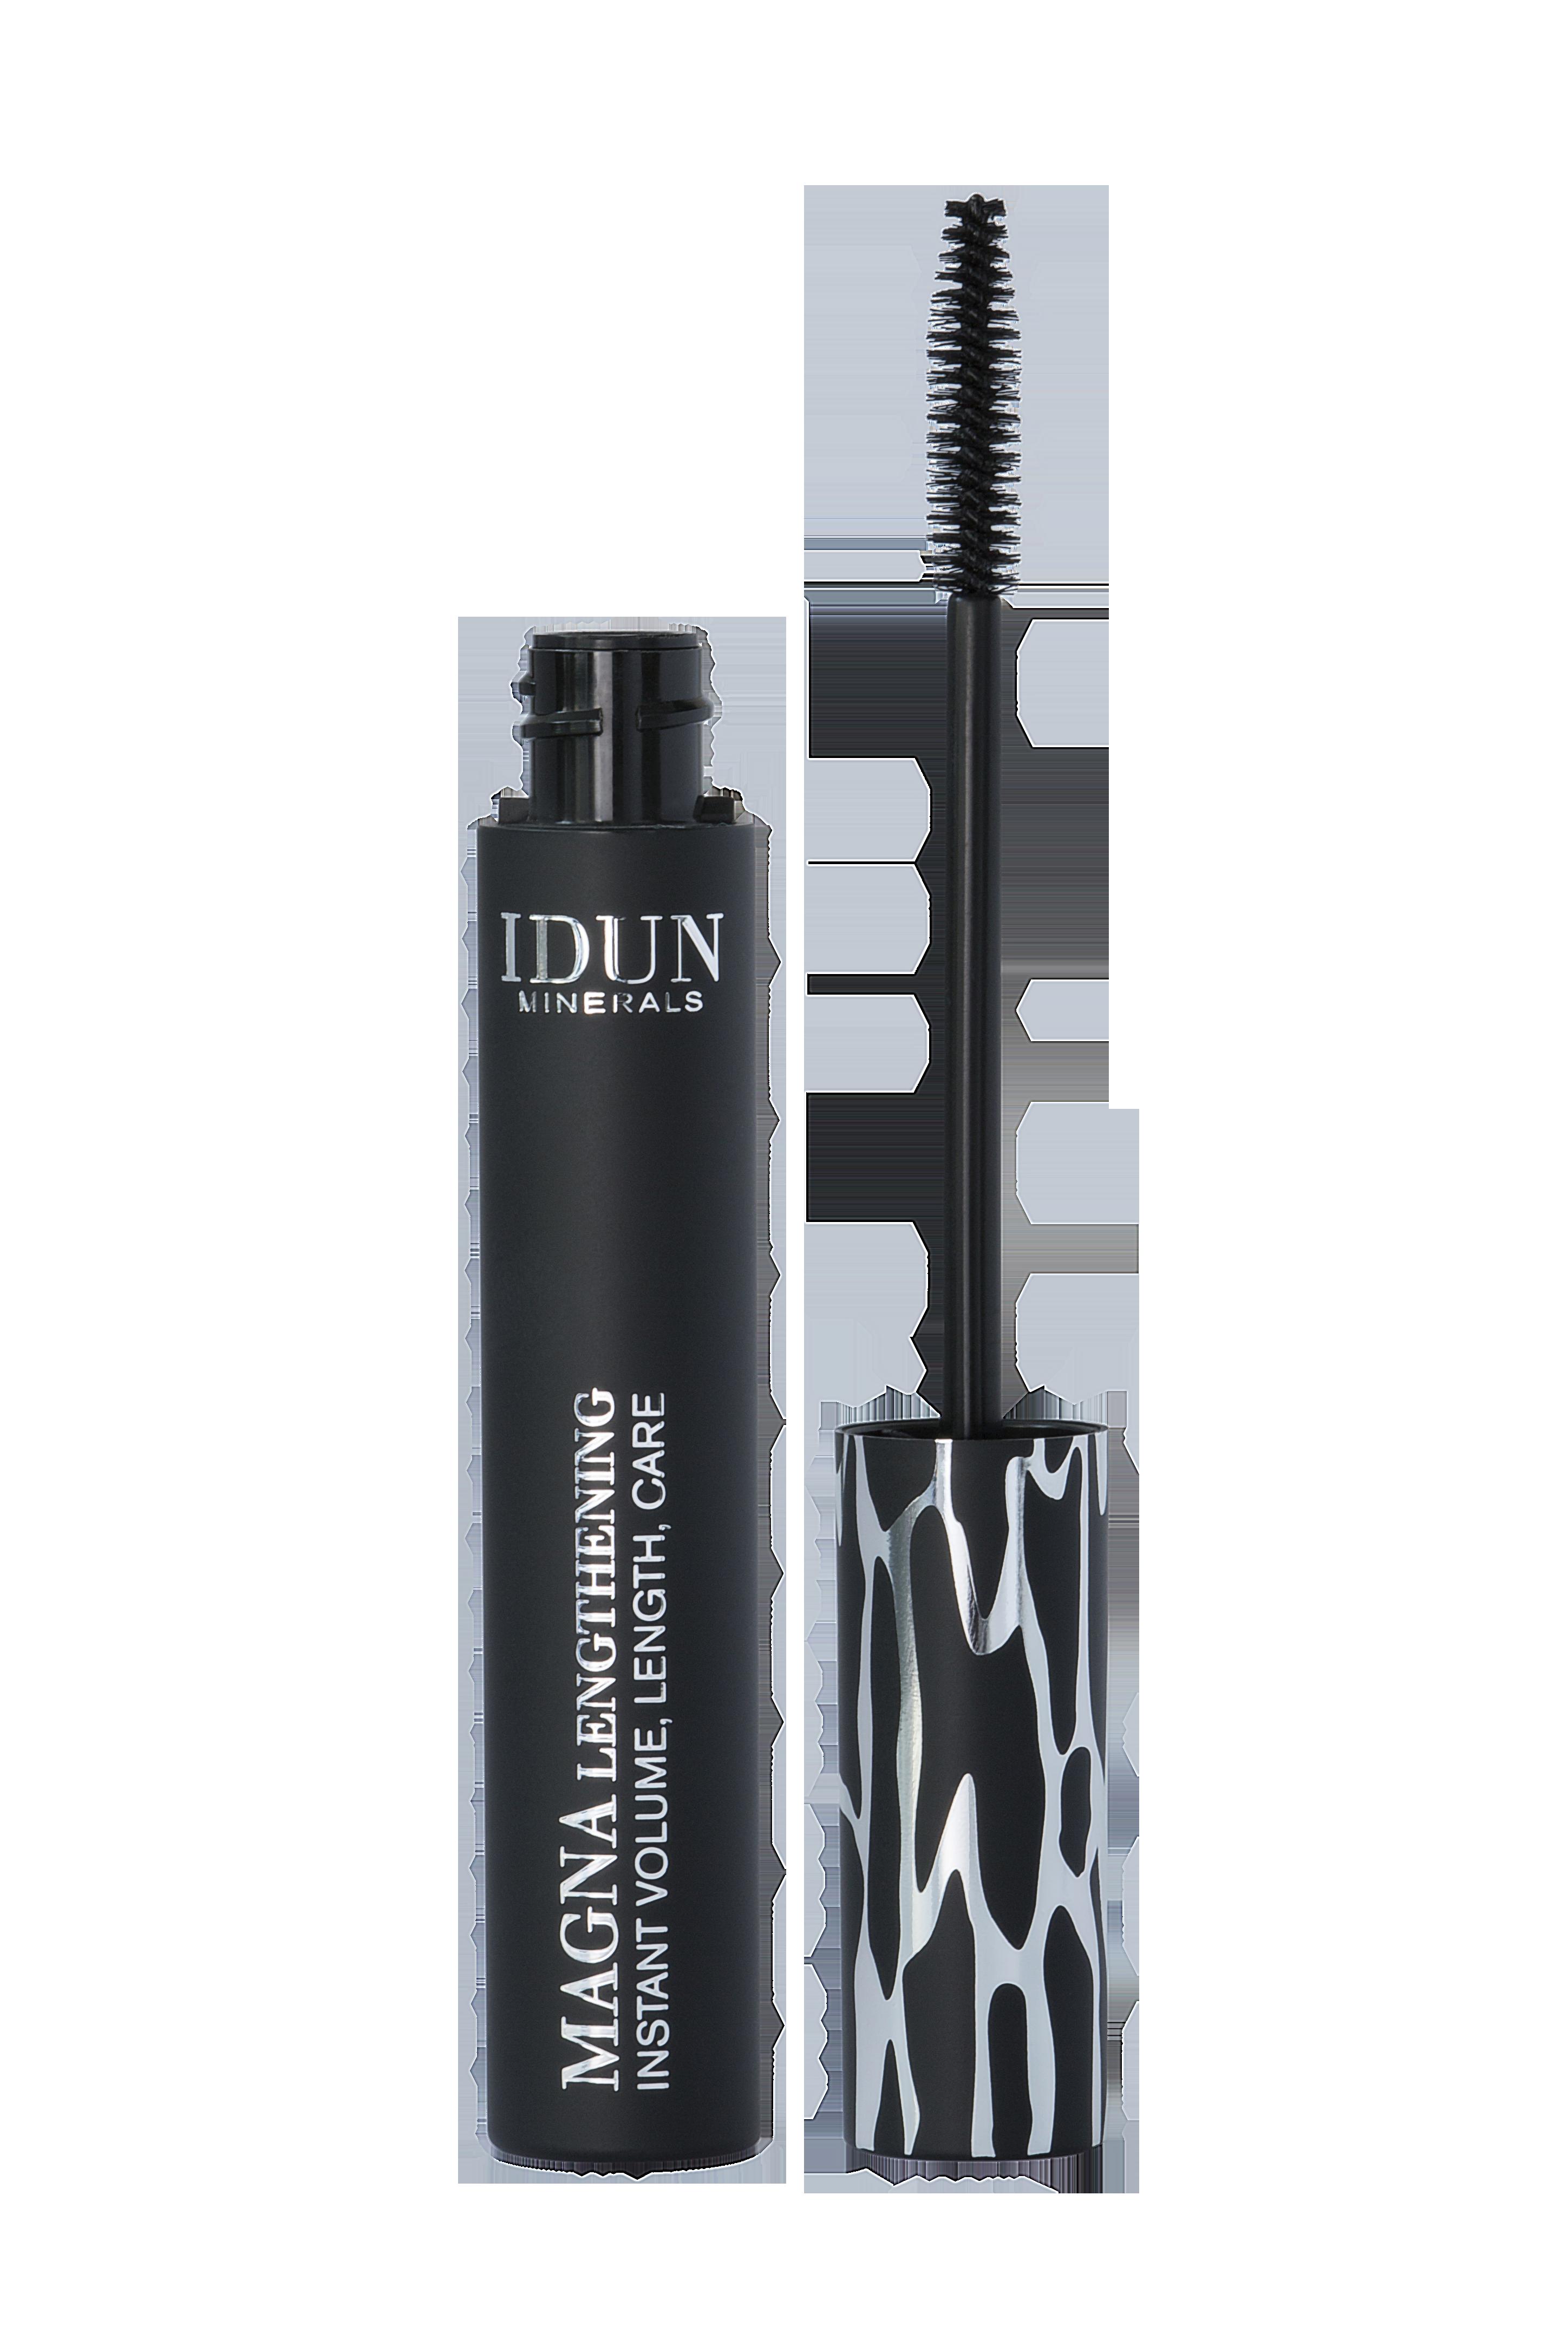 IDUN Minerals Magna Lengthening Mascara, black